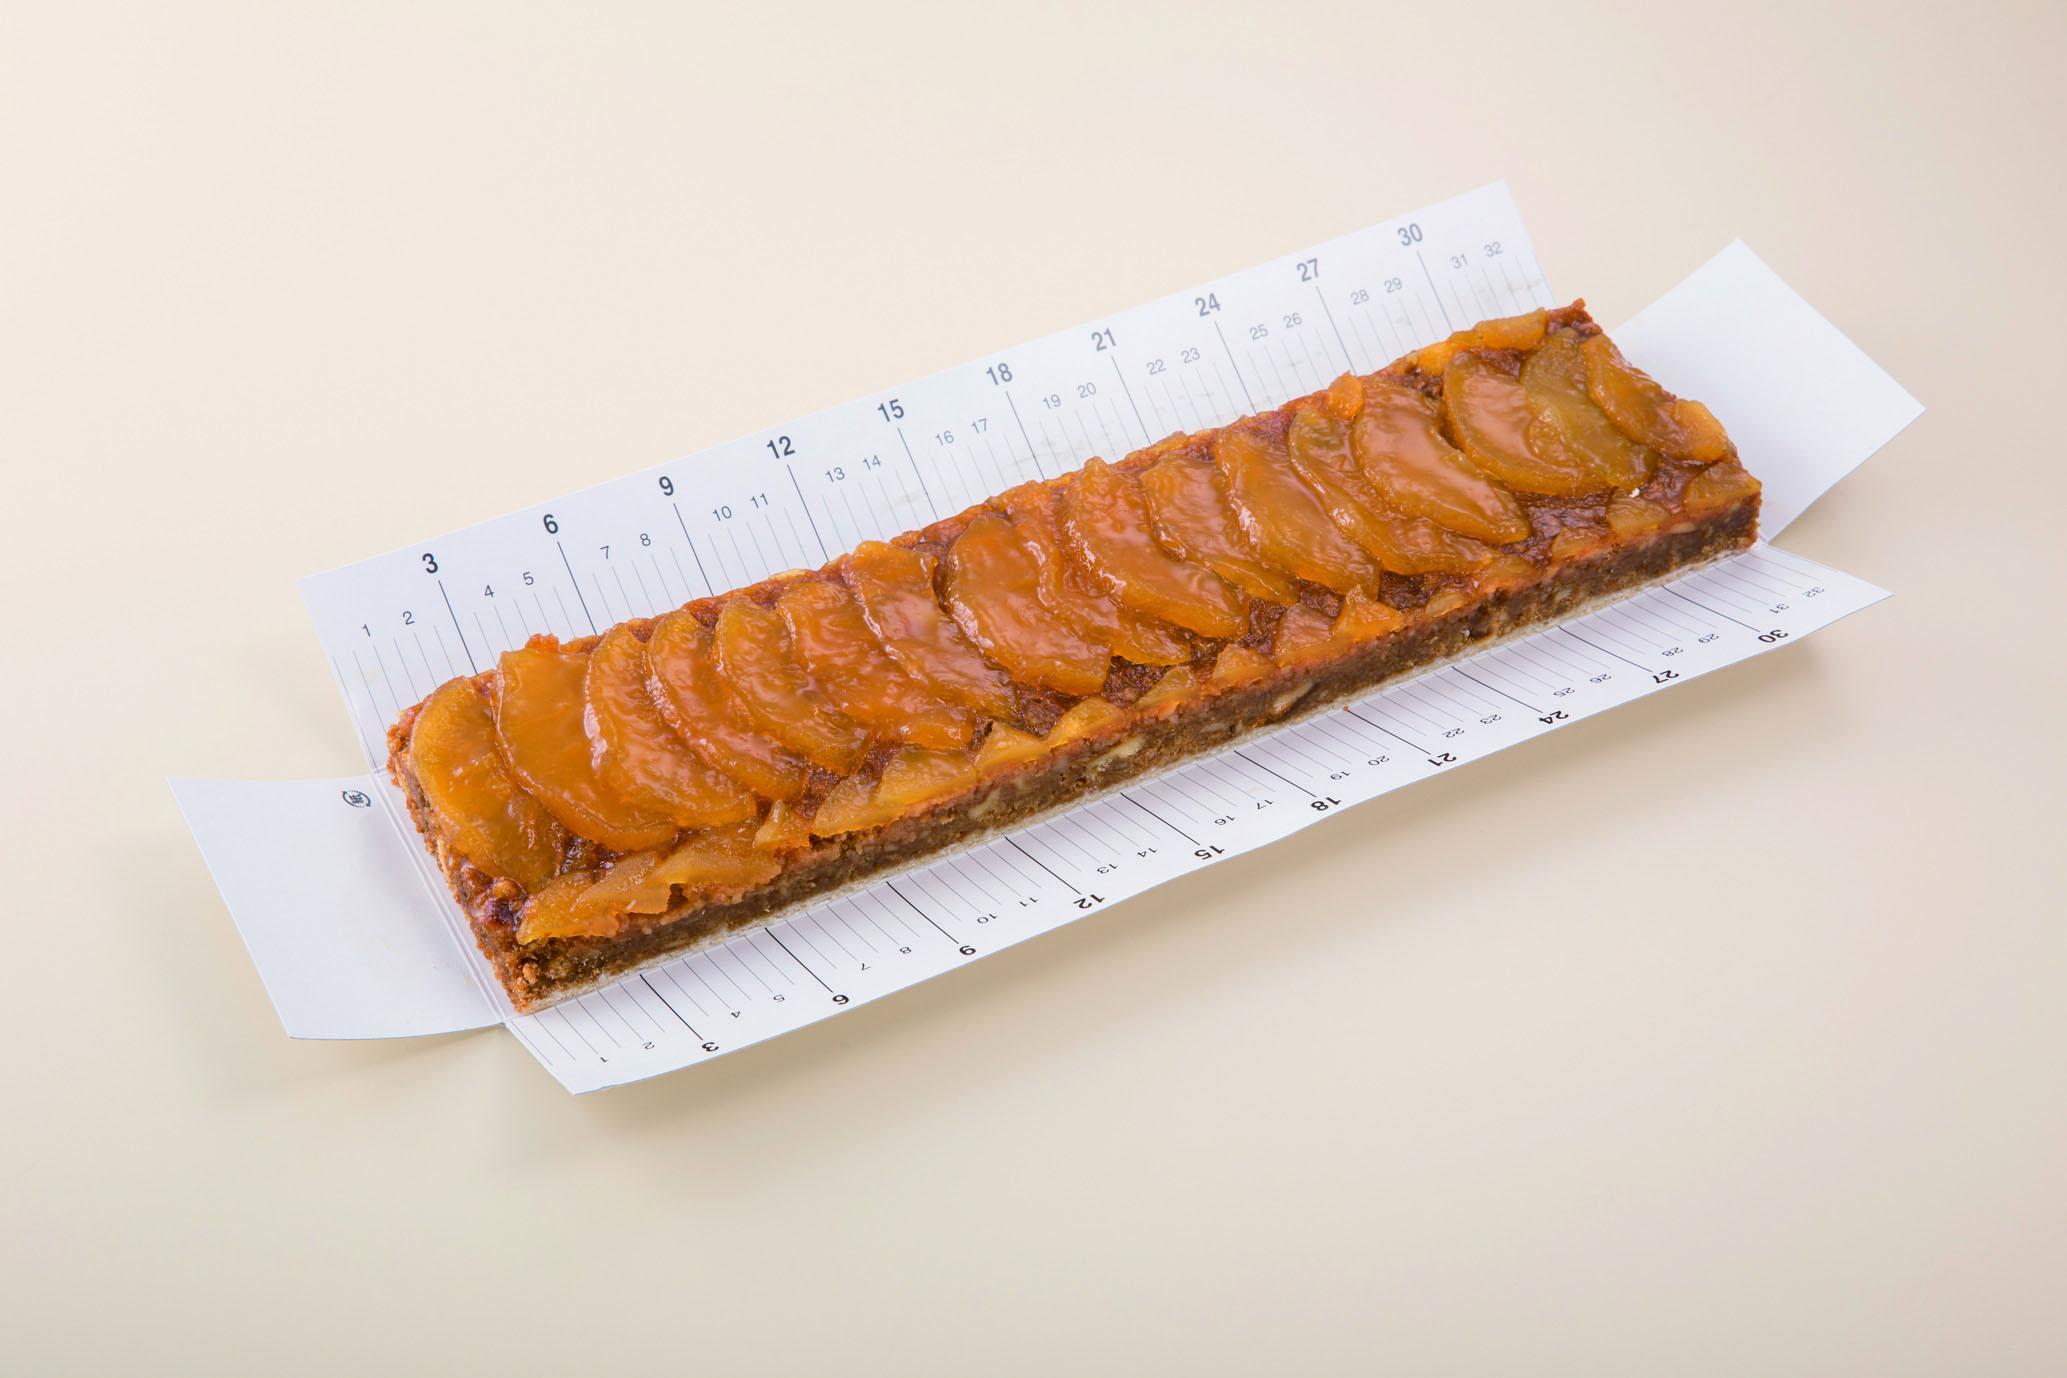 フリーカットケーキ         アップル